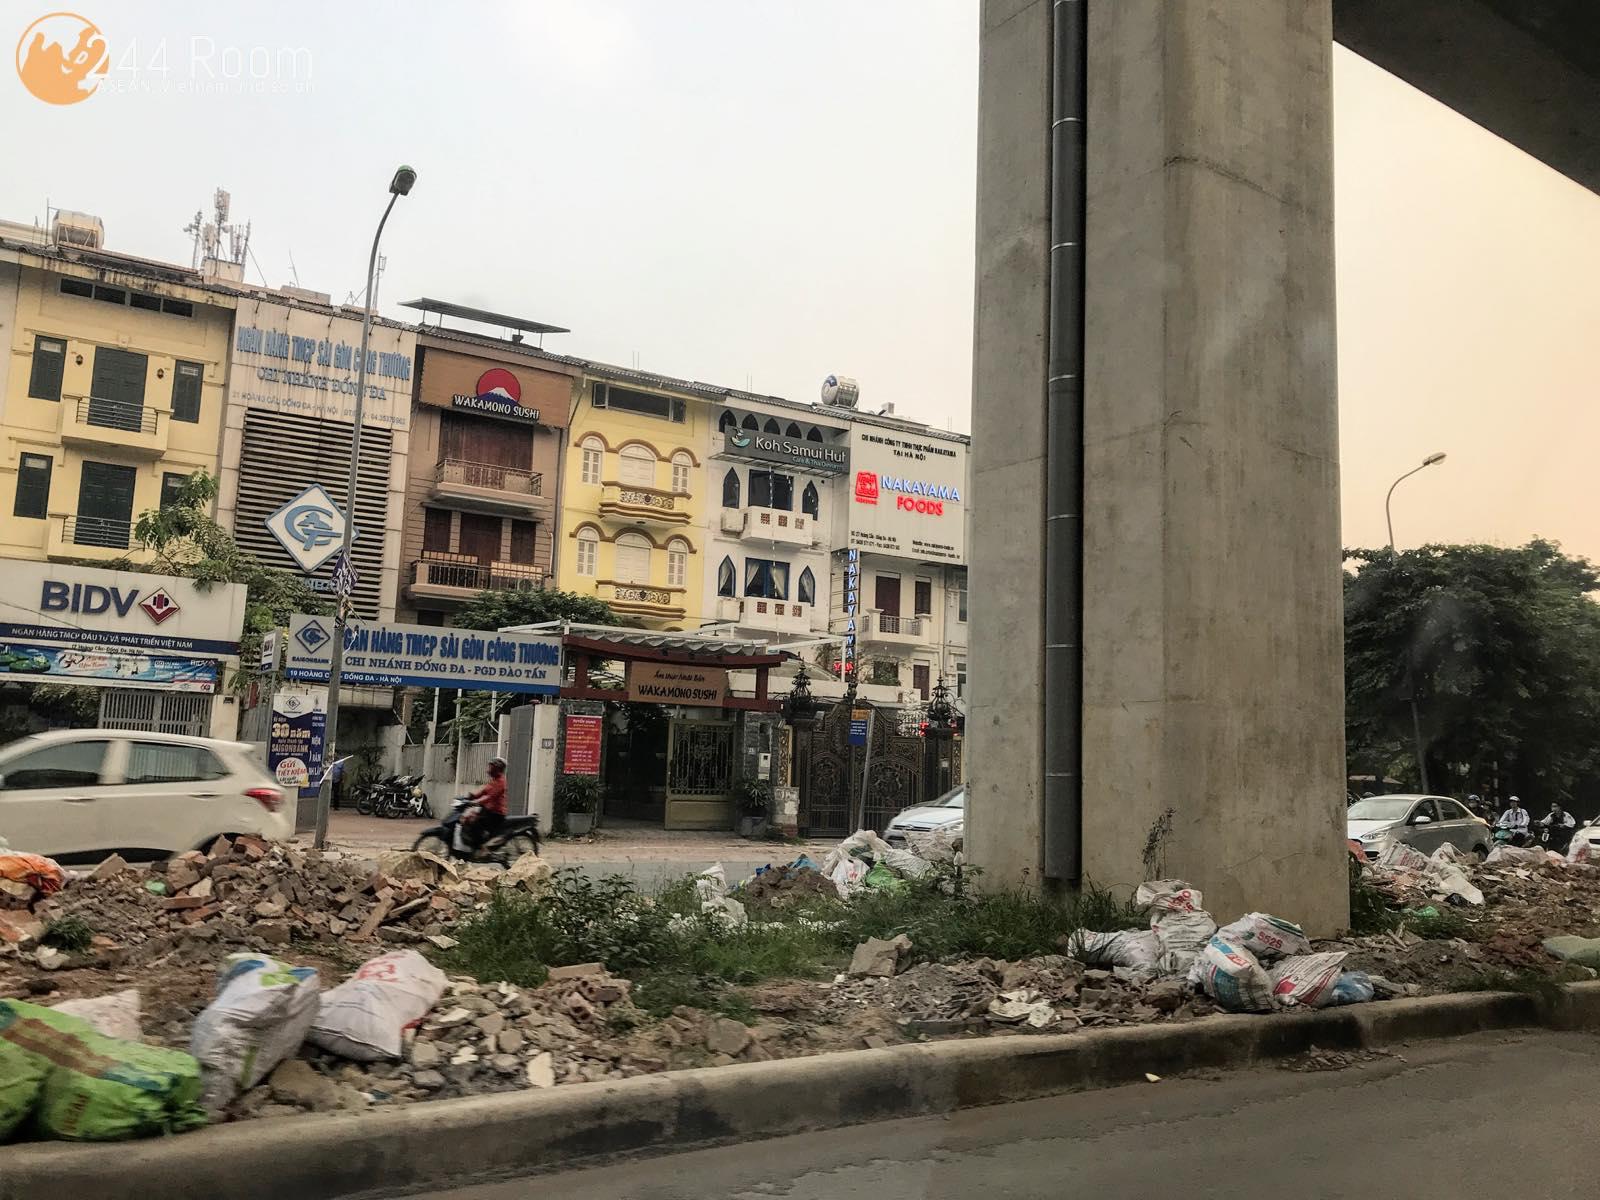 ハノイ高架鉄道 Elevated railway Hanoi